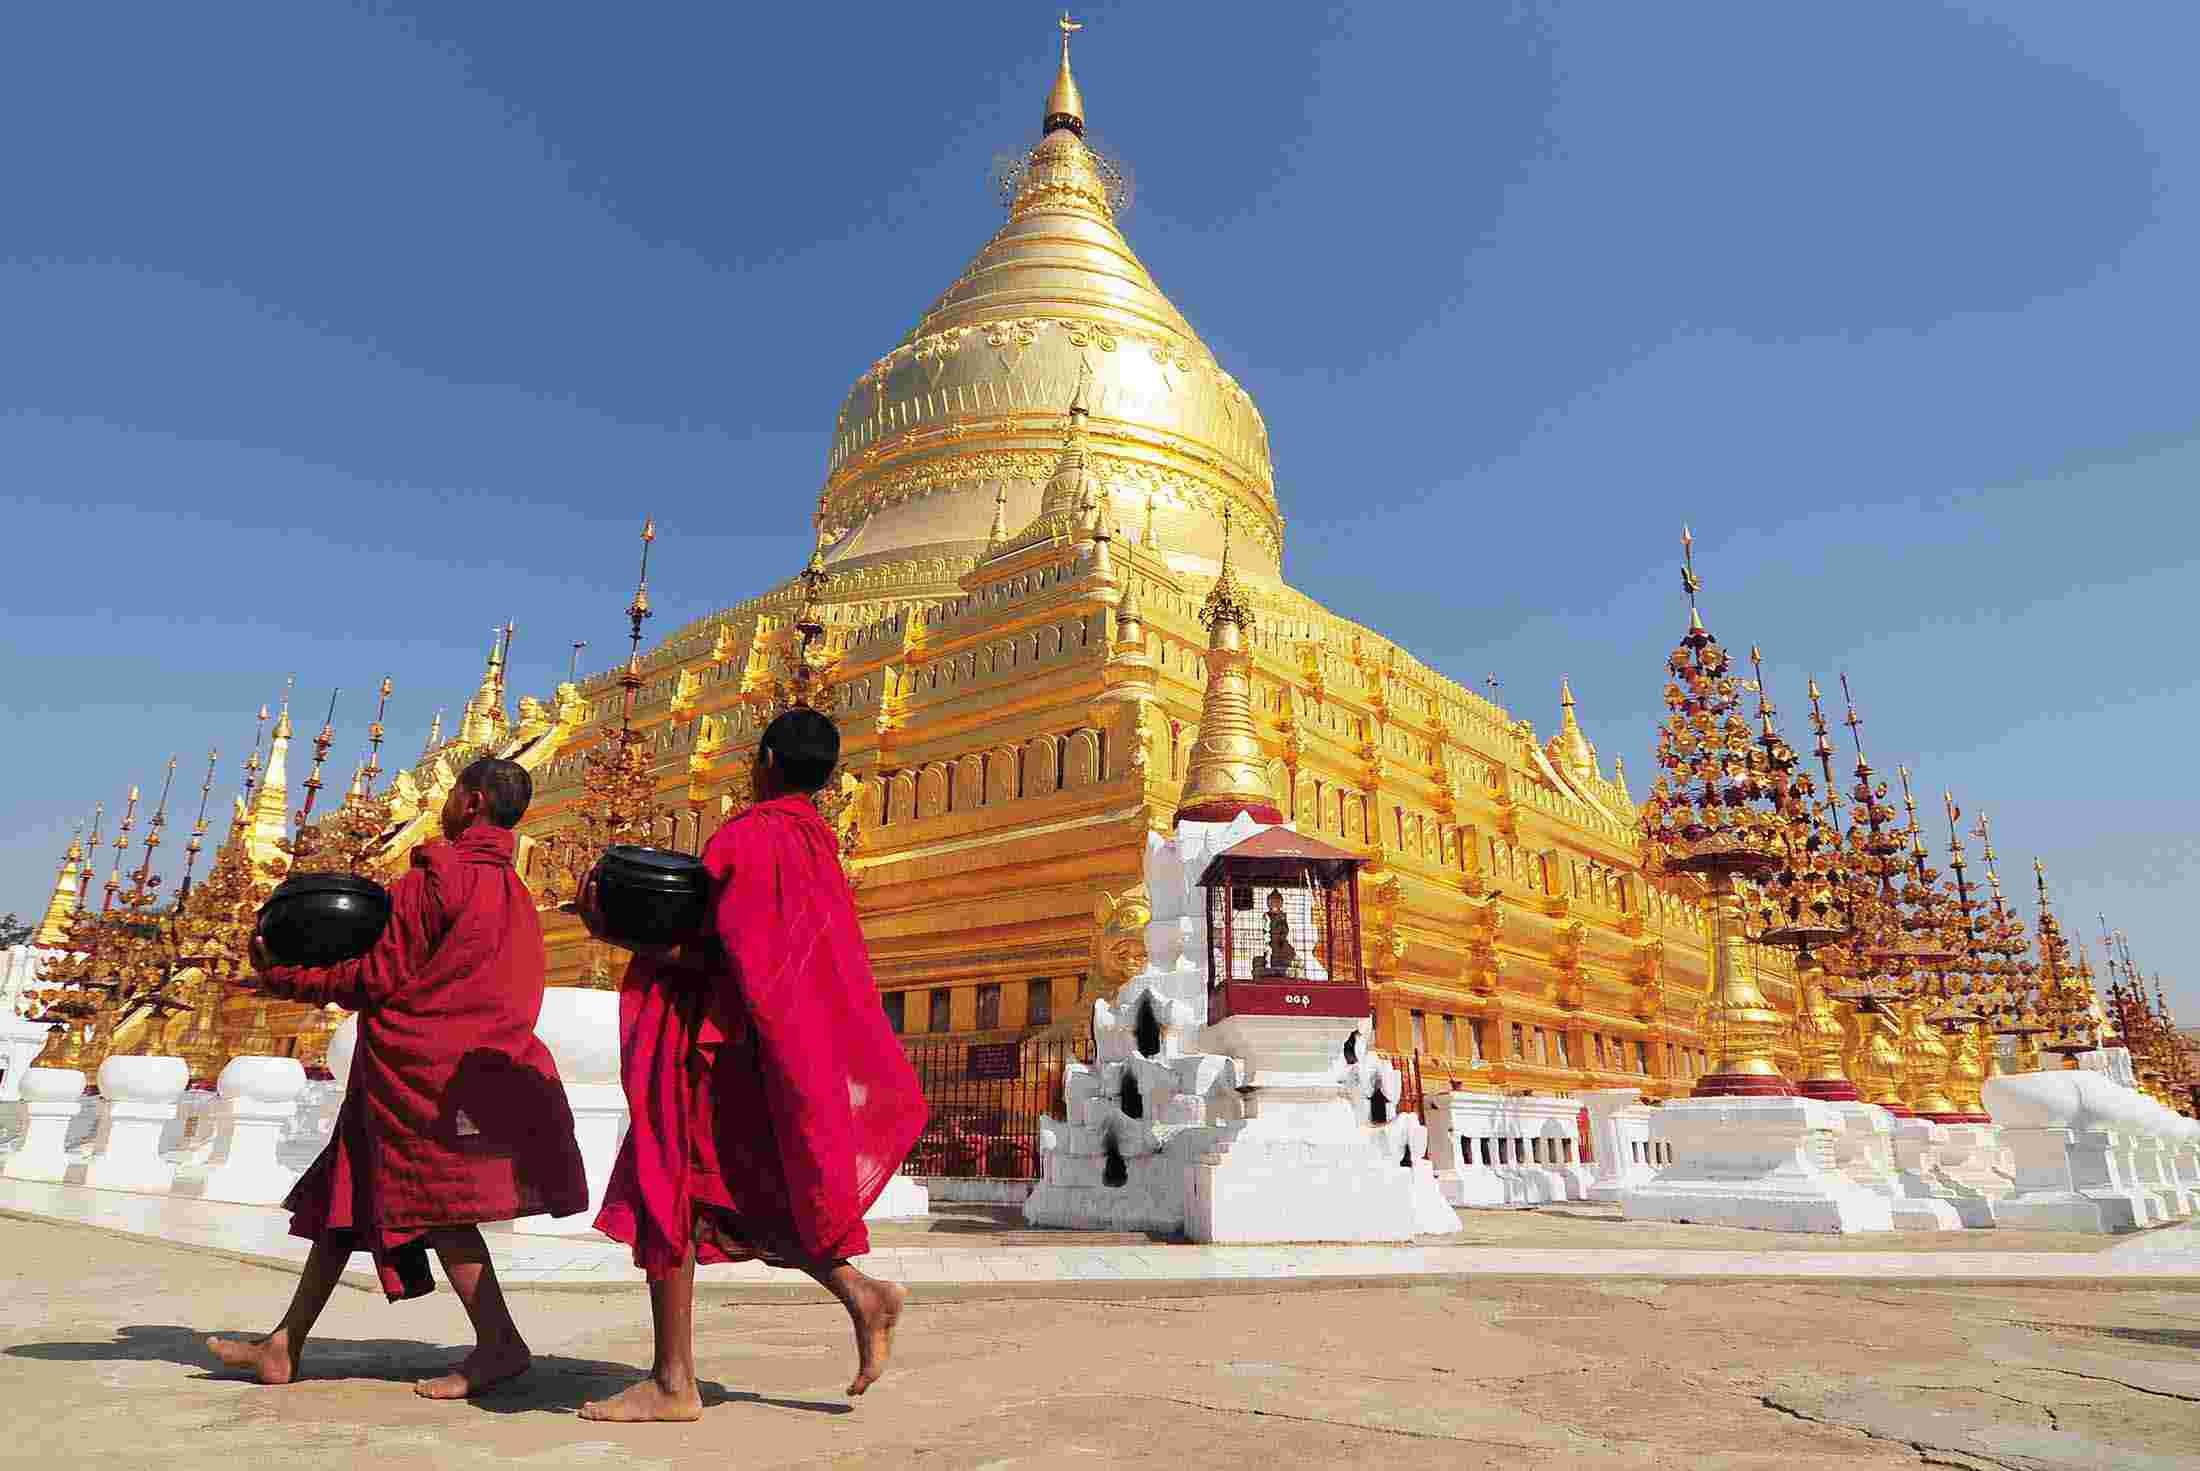 myanmar_burma_bapan_temple_monks_0.jpg